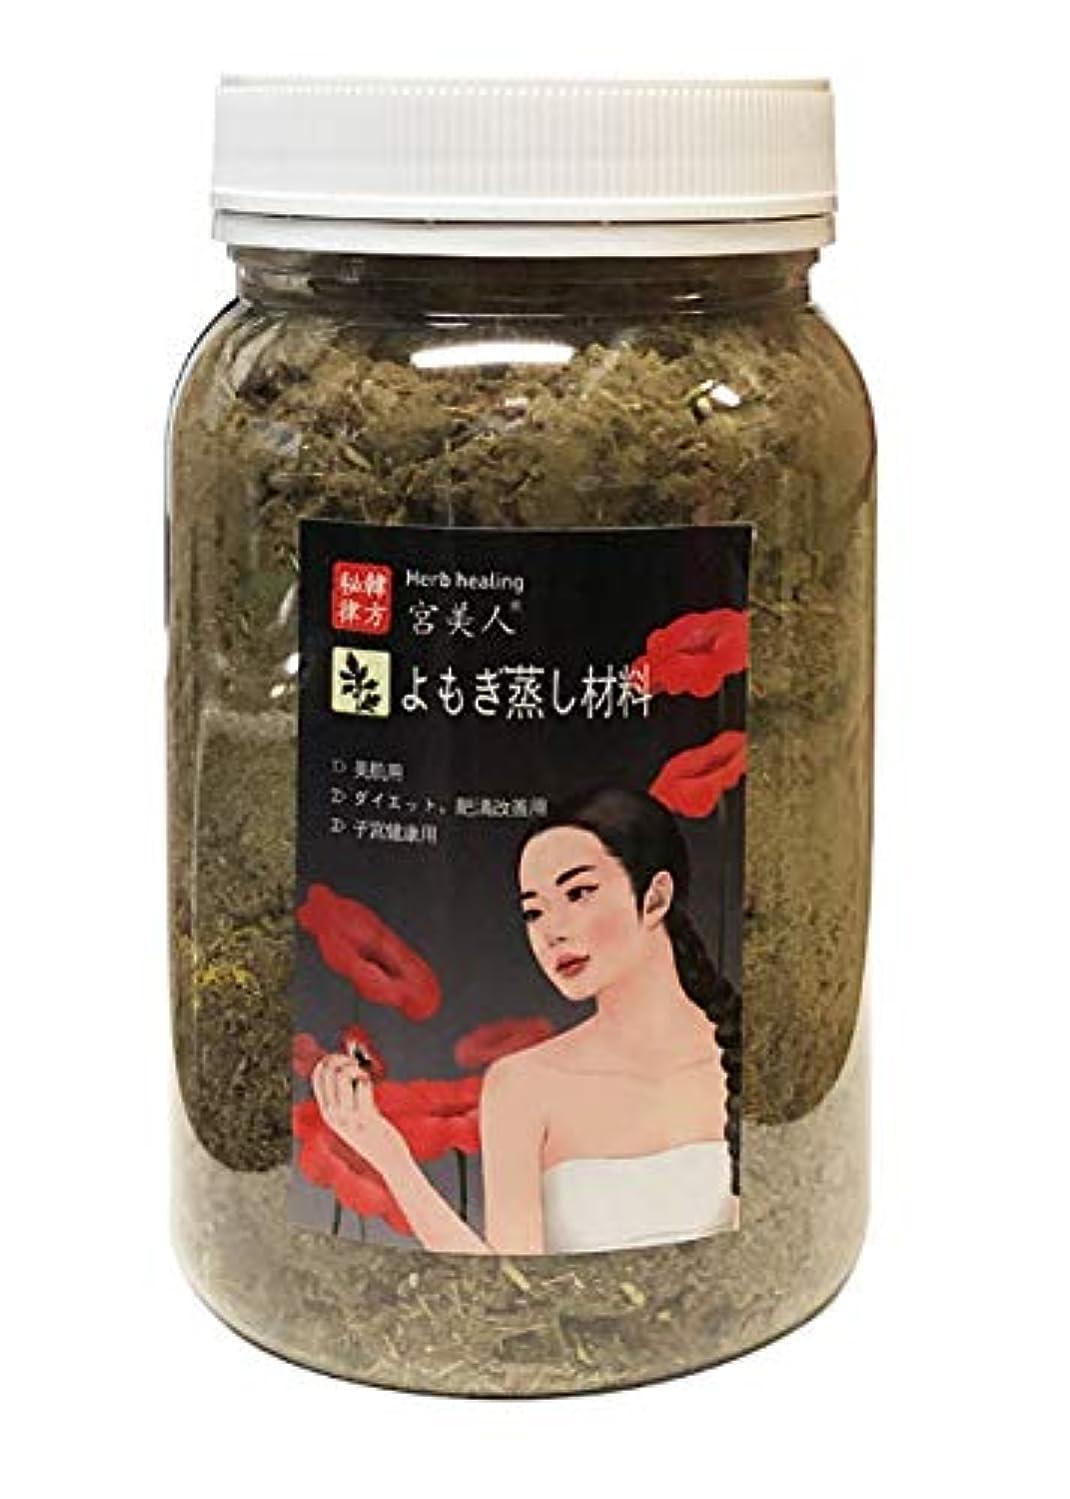 落ち着いて対立ムス韓方草ヨモギなど8種類の粉末、ヨモギ蒸し粉末材料 子宮健康管理用230グラム